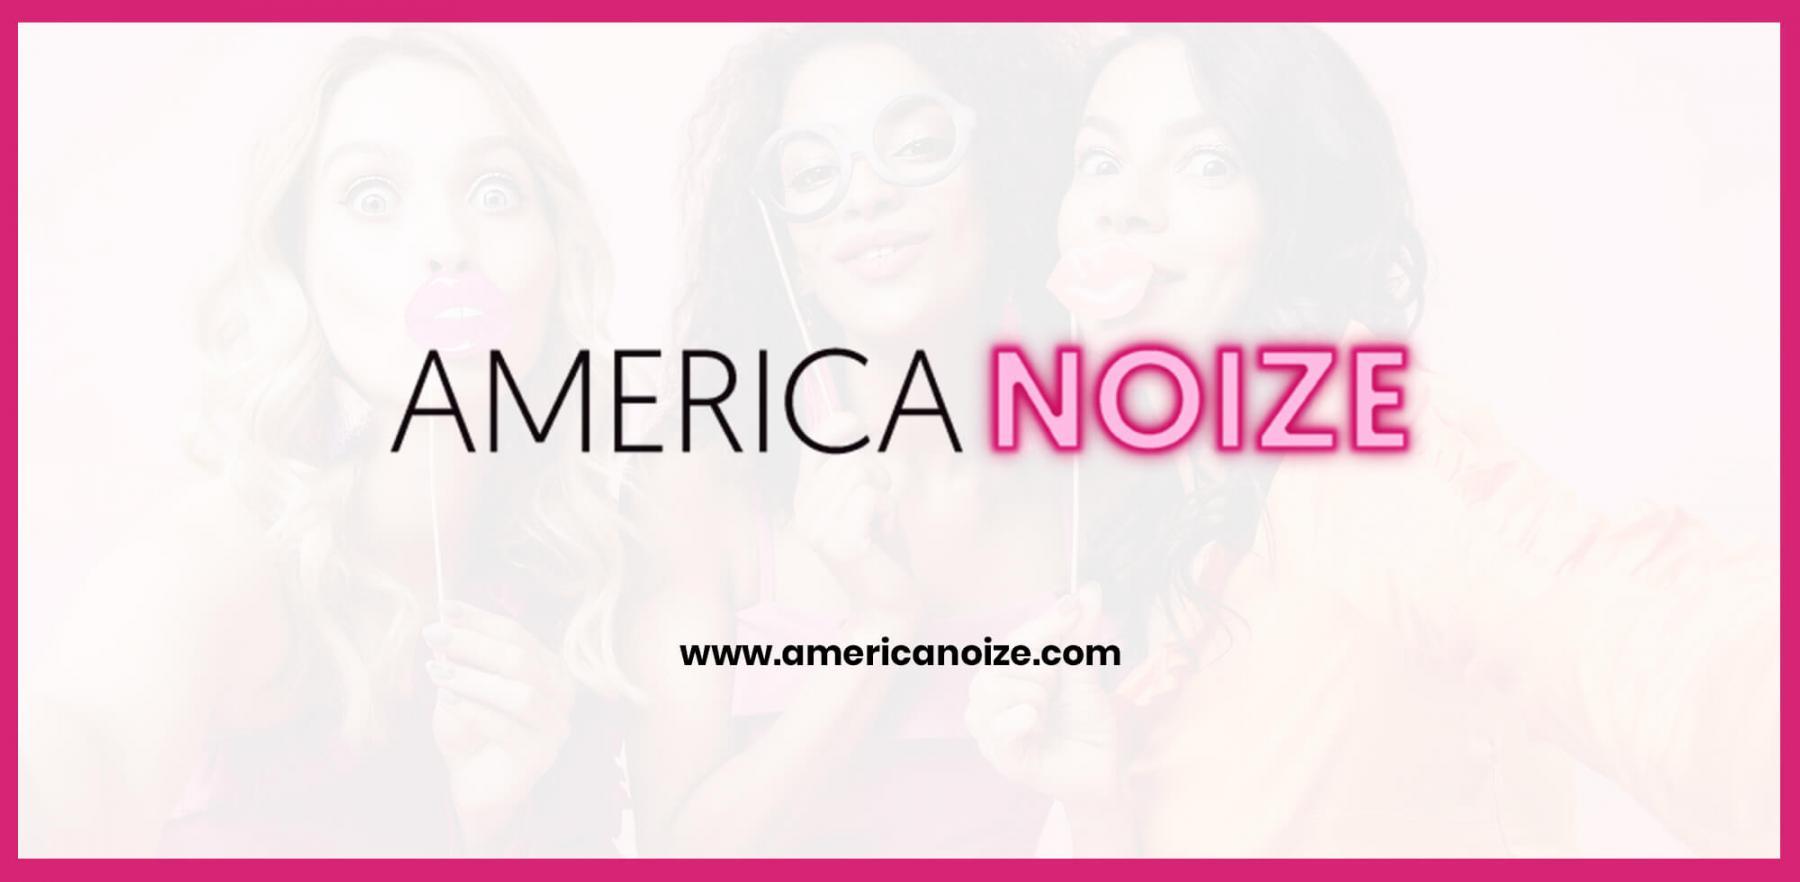 Americanoize OG Image